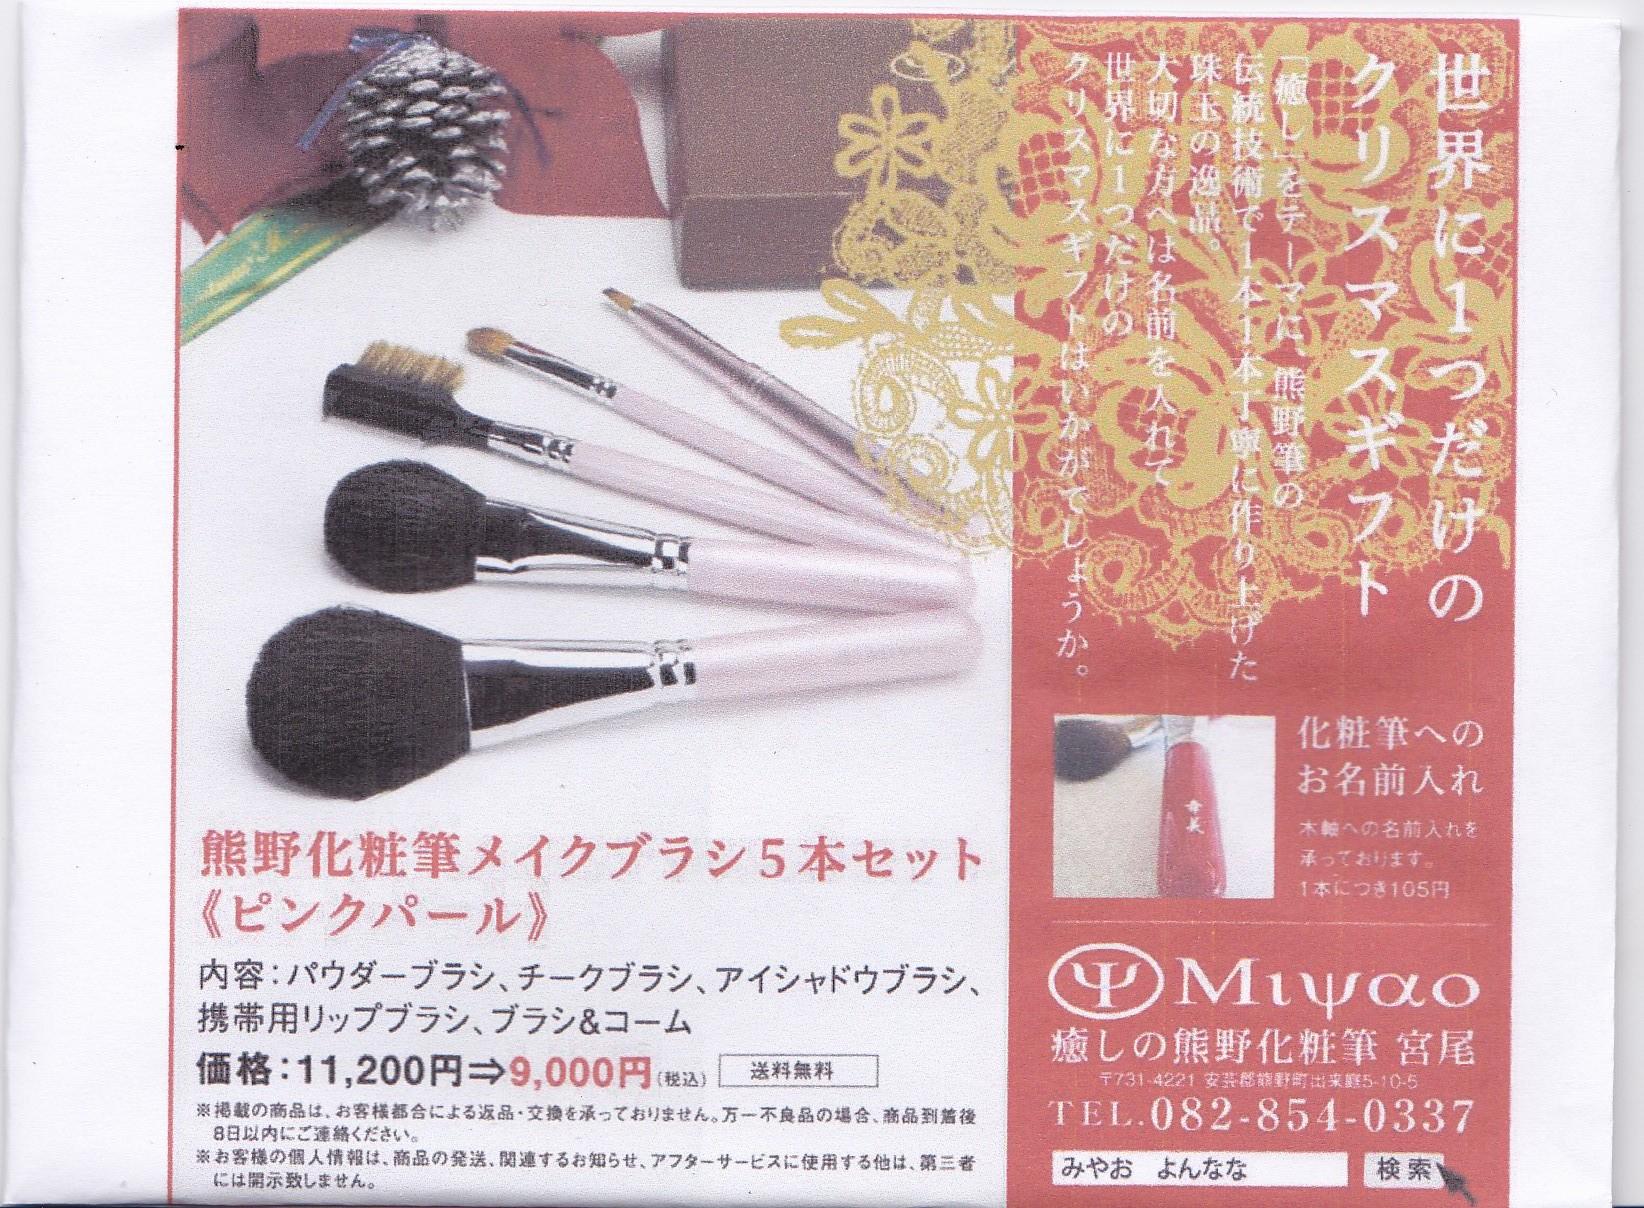 新色ピンクパール熊野化粧筆セット